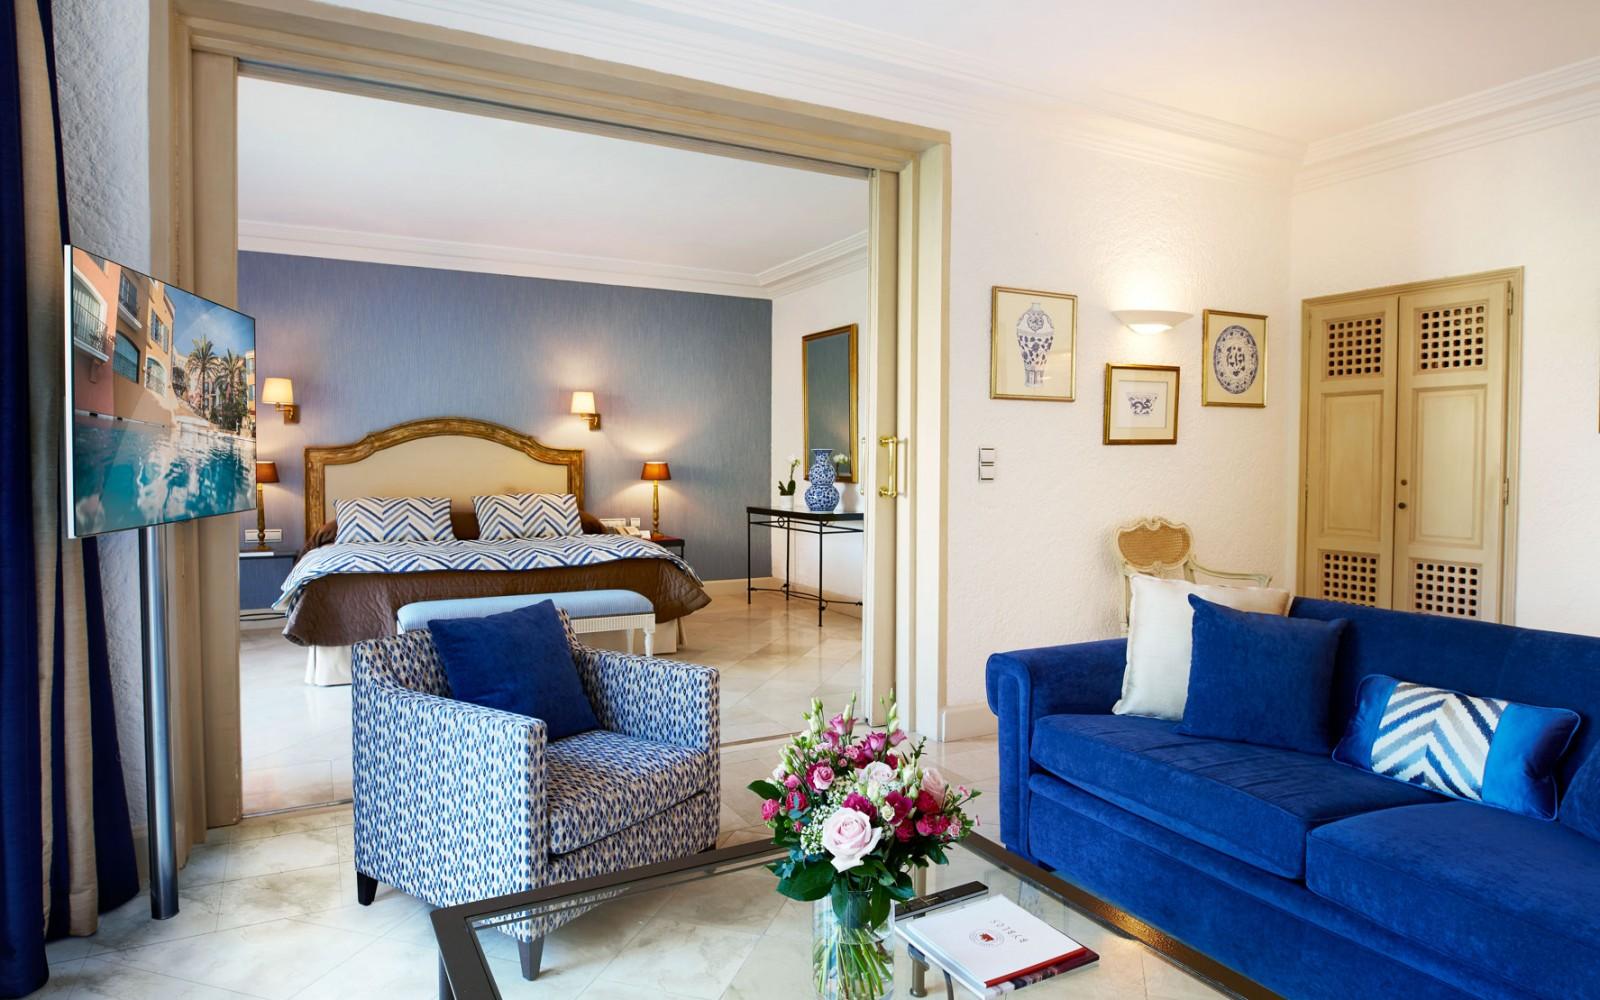 Hotel_Byblos_Saint-Tropez_Deluxe-Suite-129-4